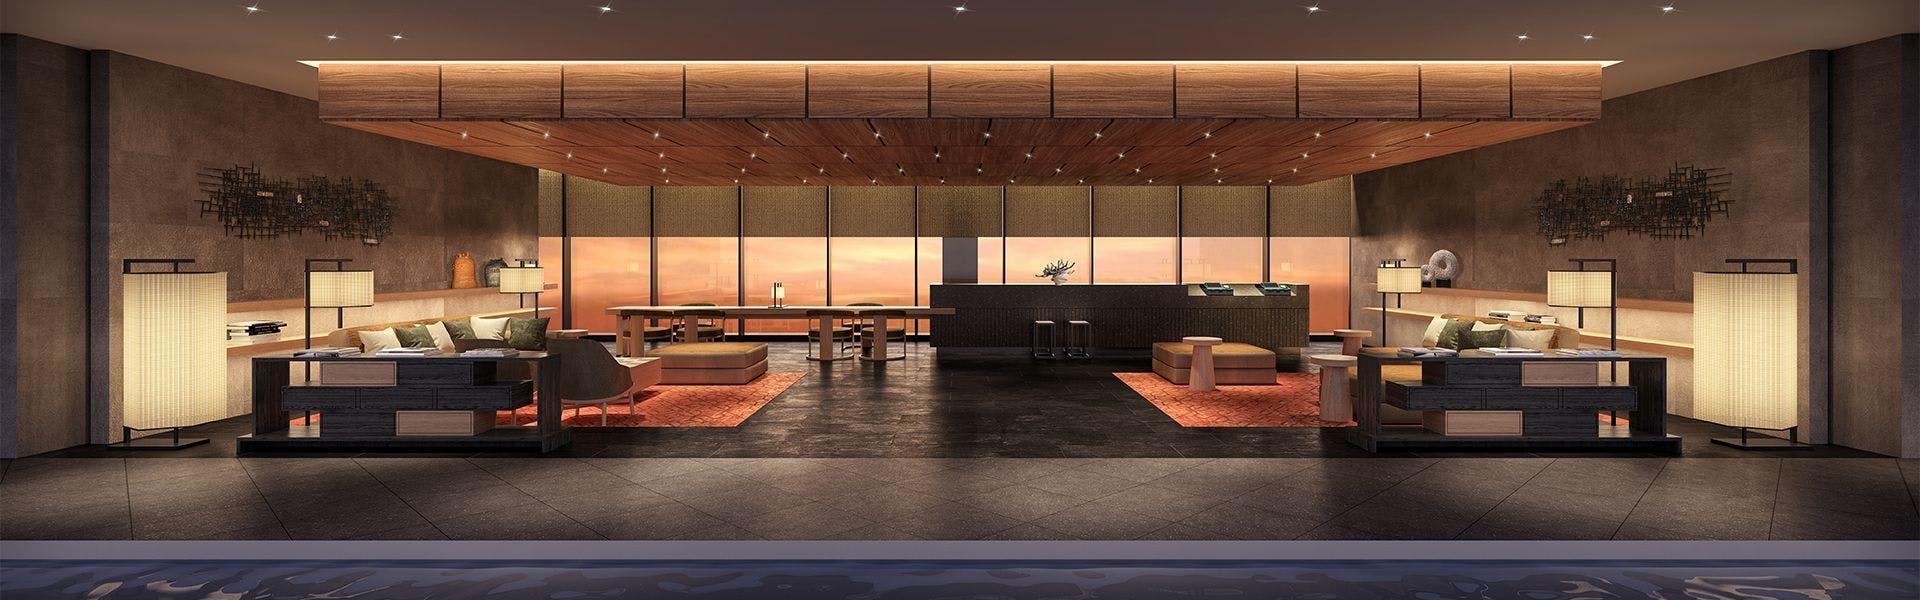 記念日におすすめのホテル・THE BLOSSOM KUMAMOTO(ザ ブラッサム 熊本)の写真2